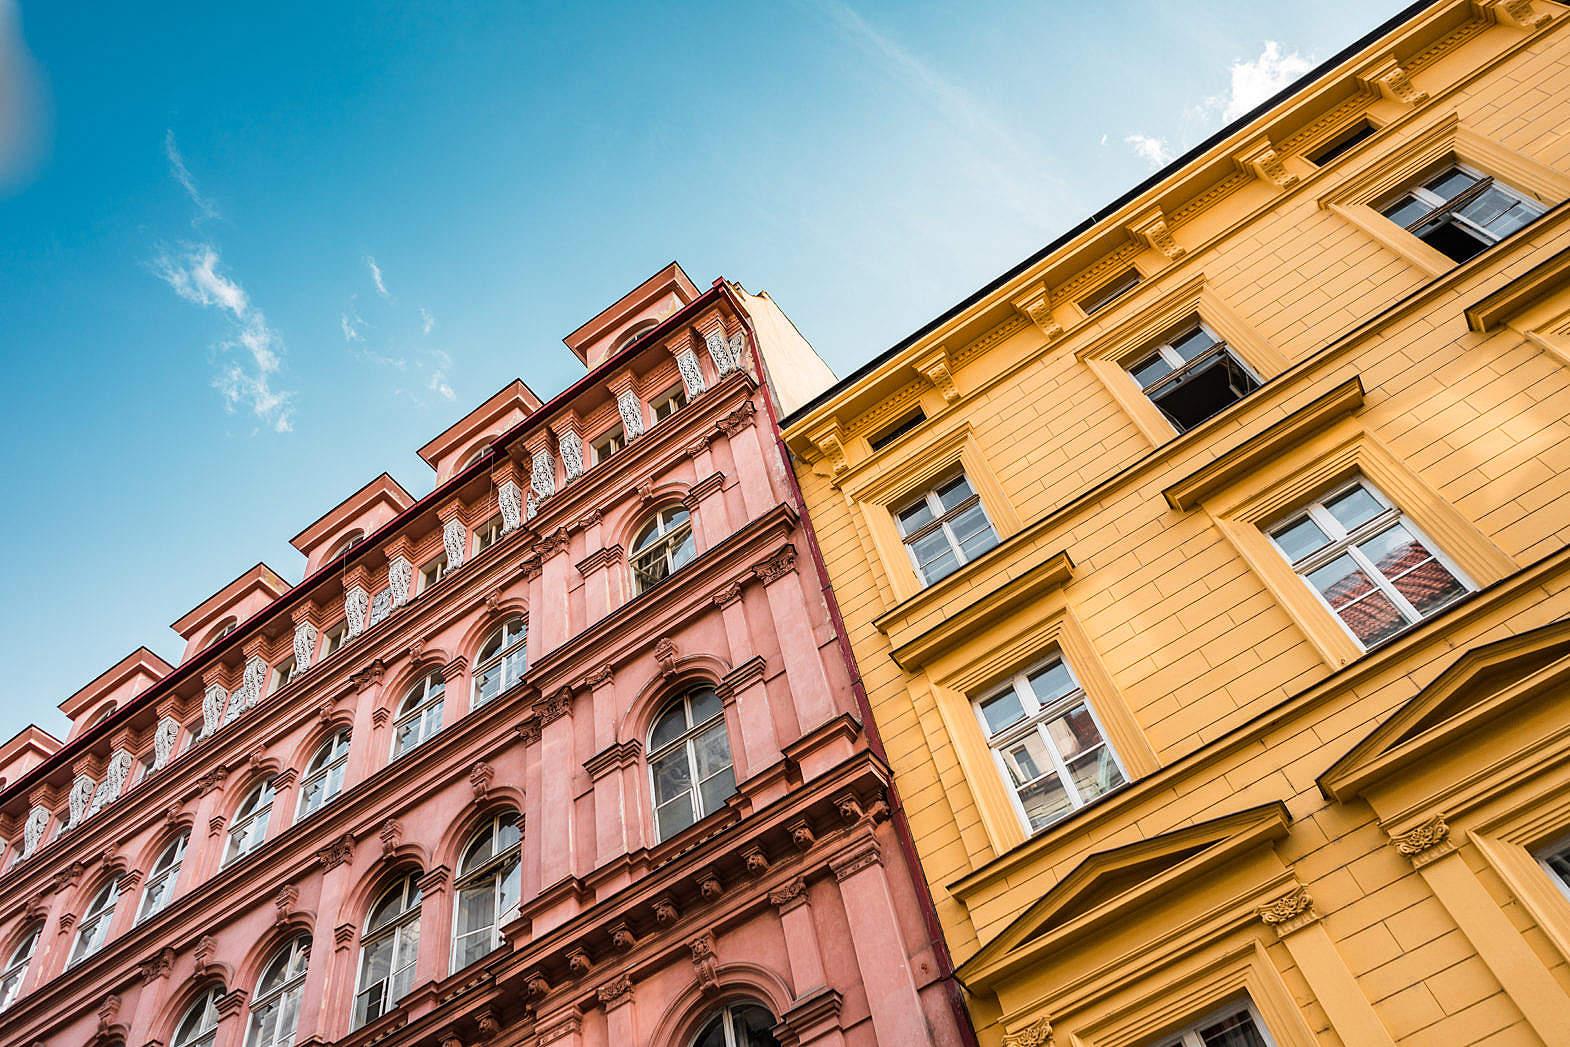 蓝天 ,欧洲, 建筑 ,城市, 门窗 城市建筑-第1张